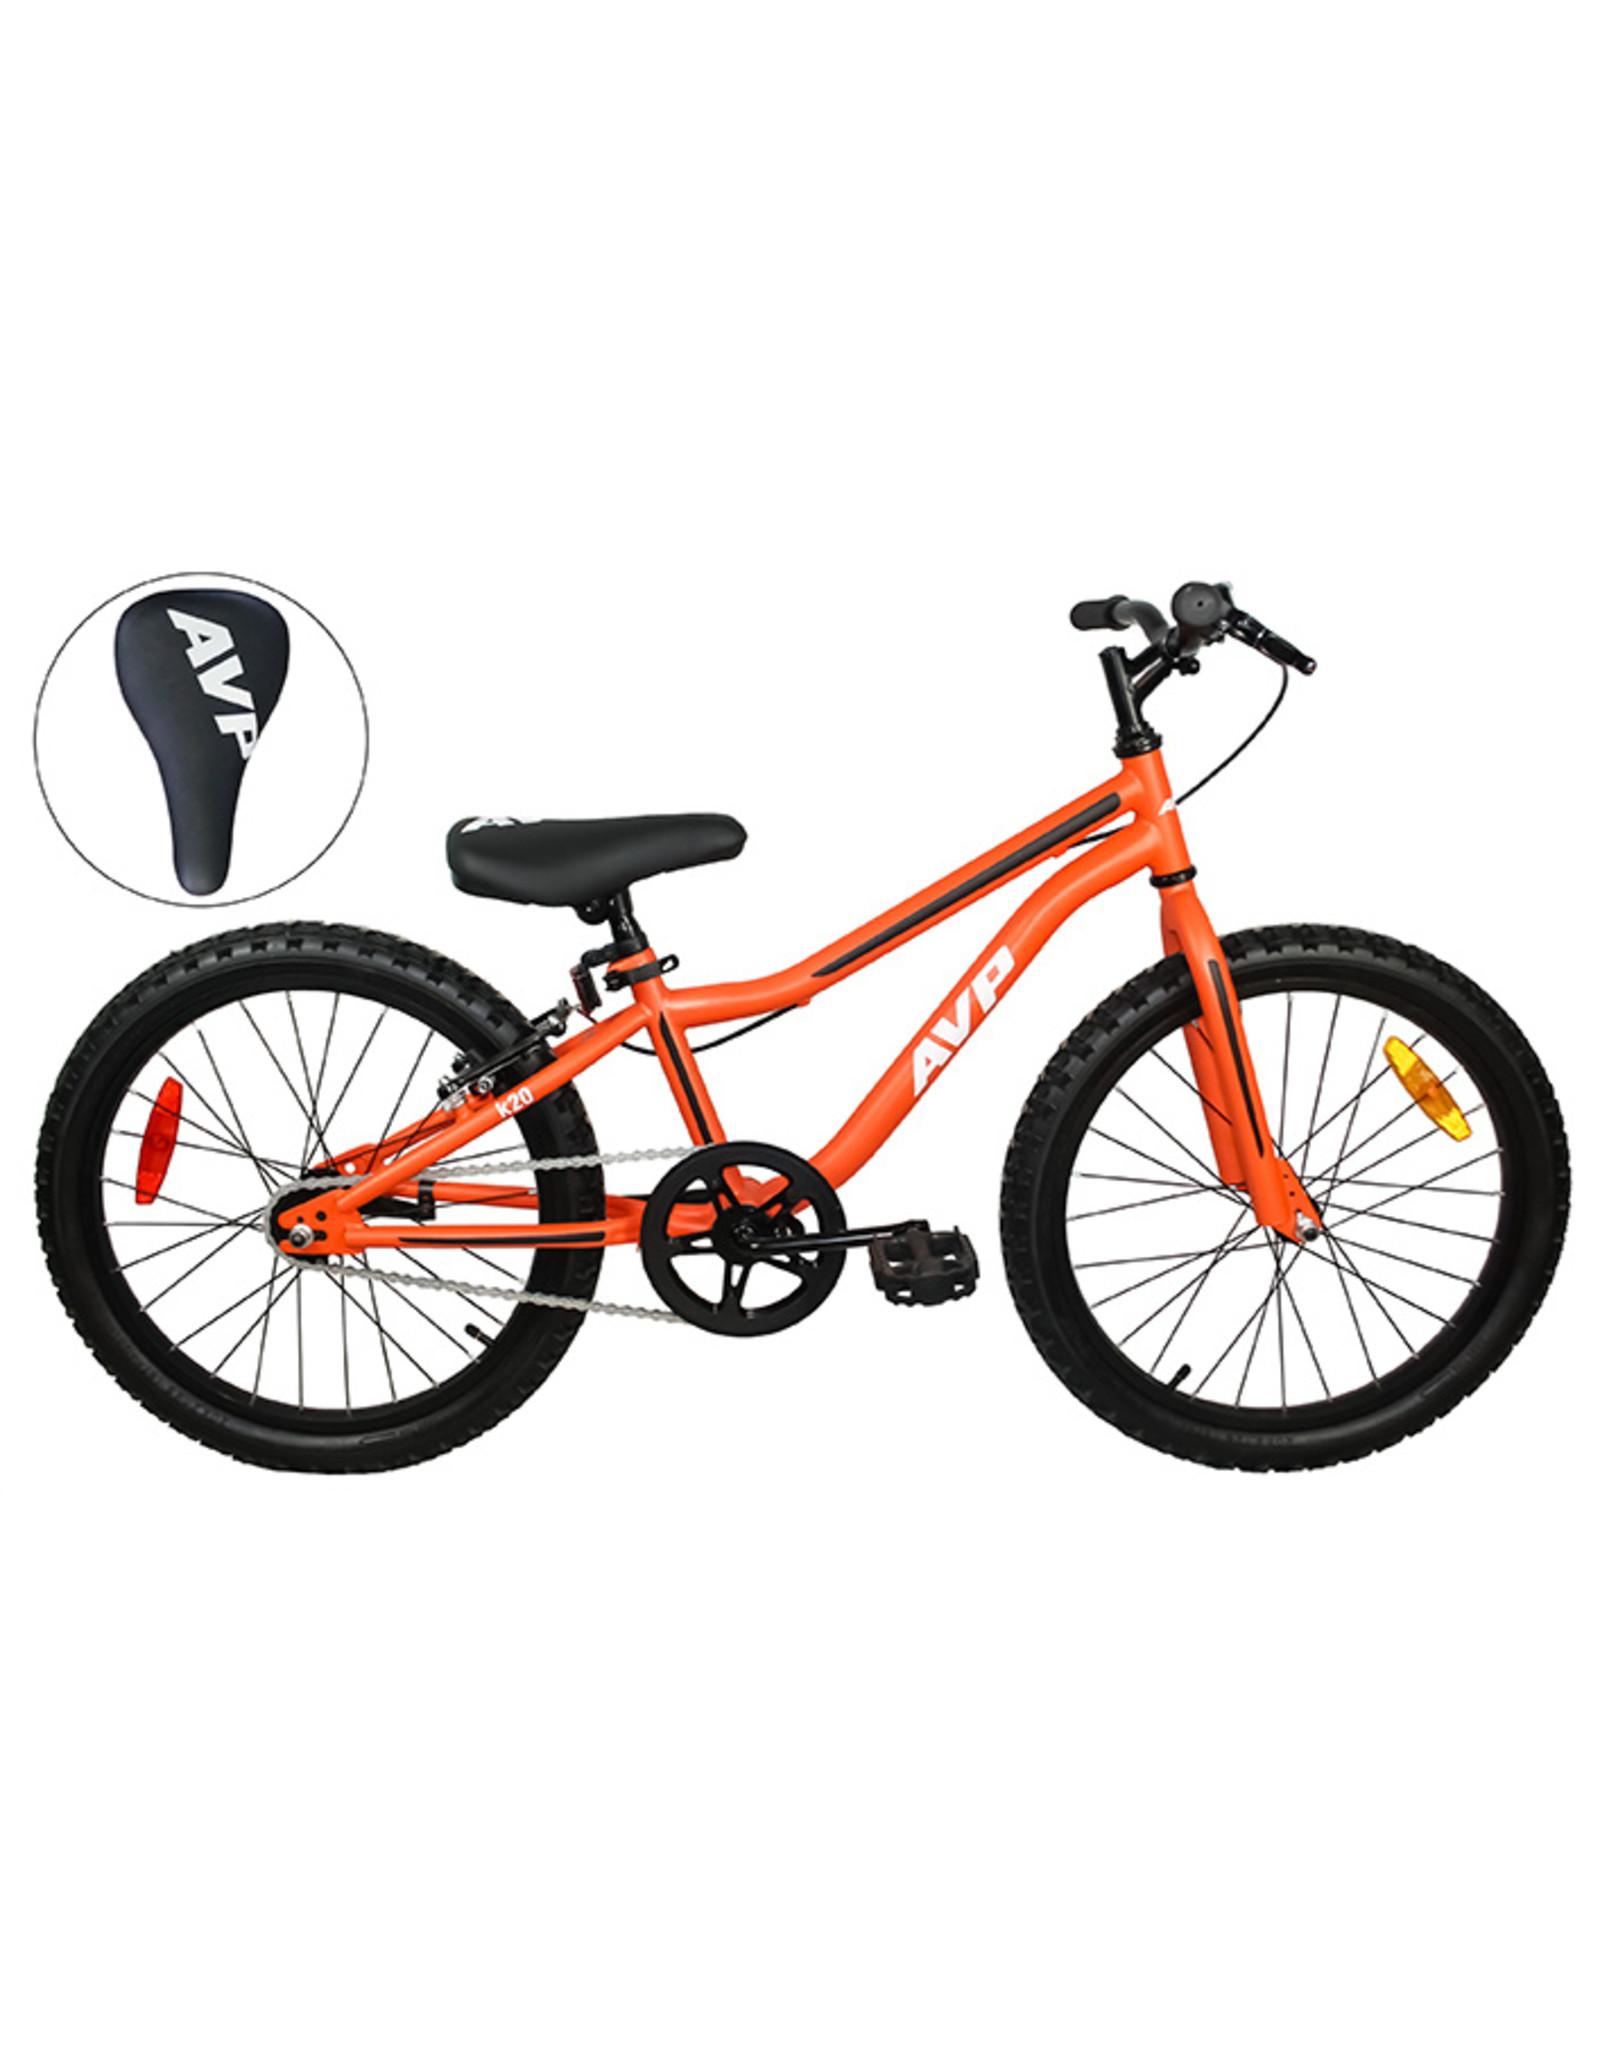 Vélo junior AVP K20 à rétropédalage Orange mat/Noir mat